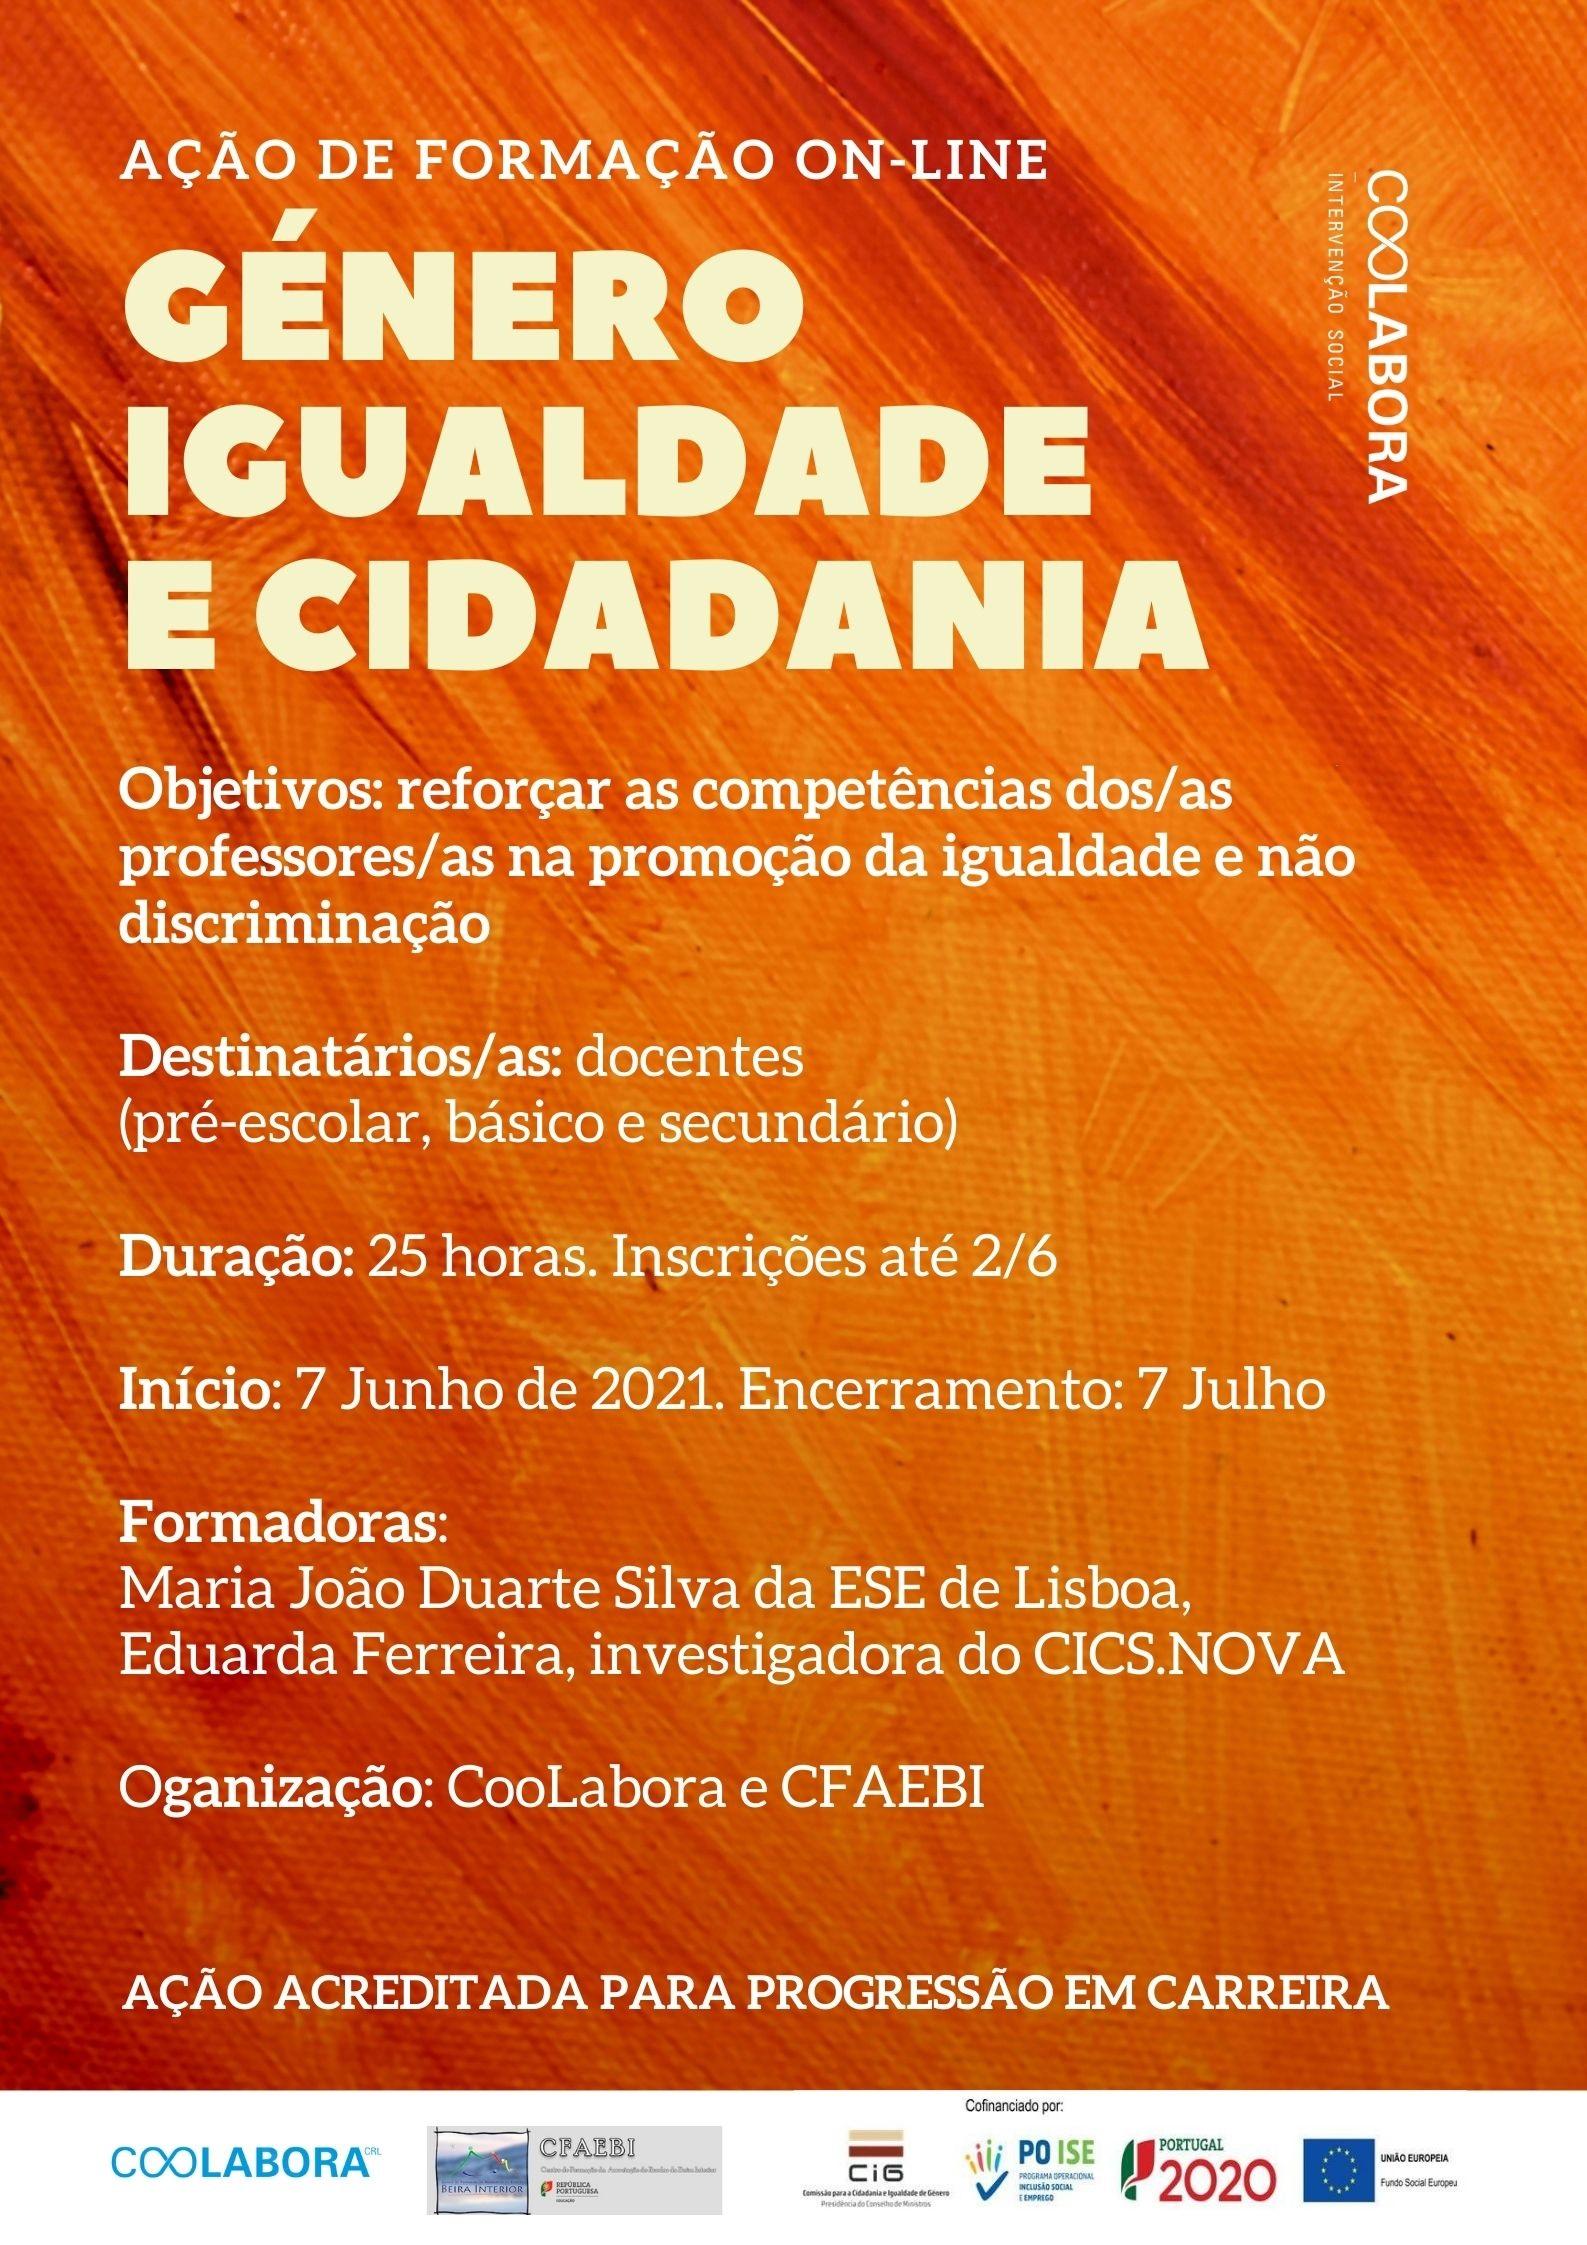 CooLabora e CFAEBI promovem formação para docentes sobre Género, Igualdade e Cidadania